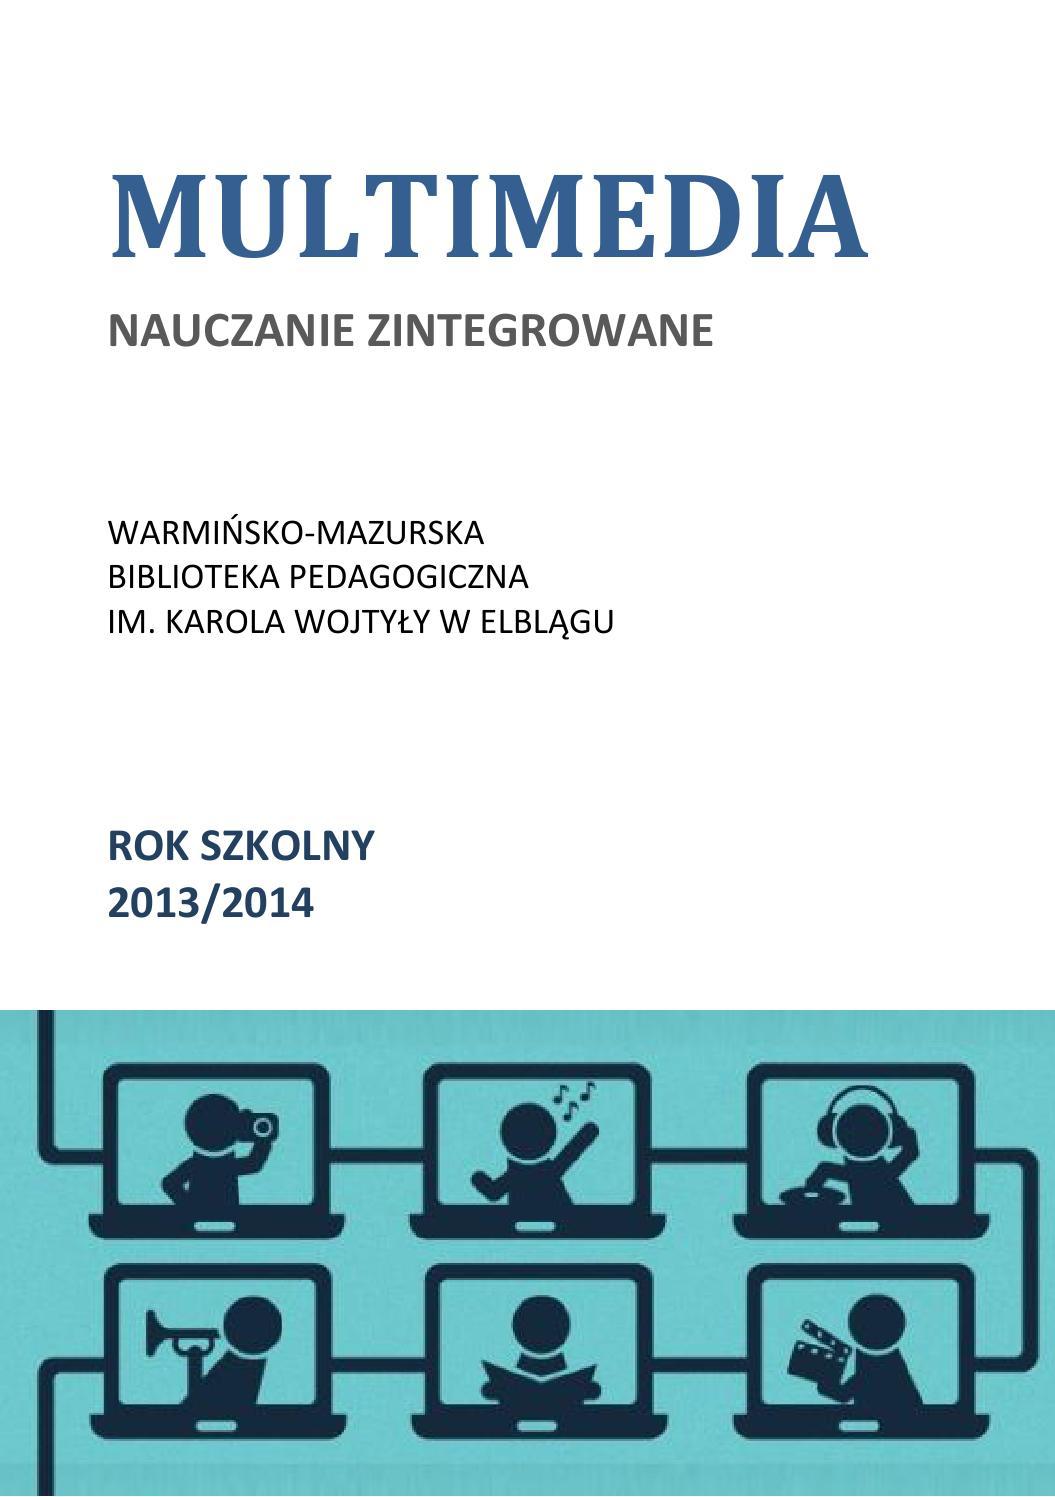 Nauczanie Zintegrowane Cz 1 By Warmińsko Mazurska